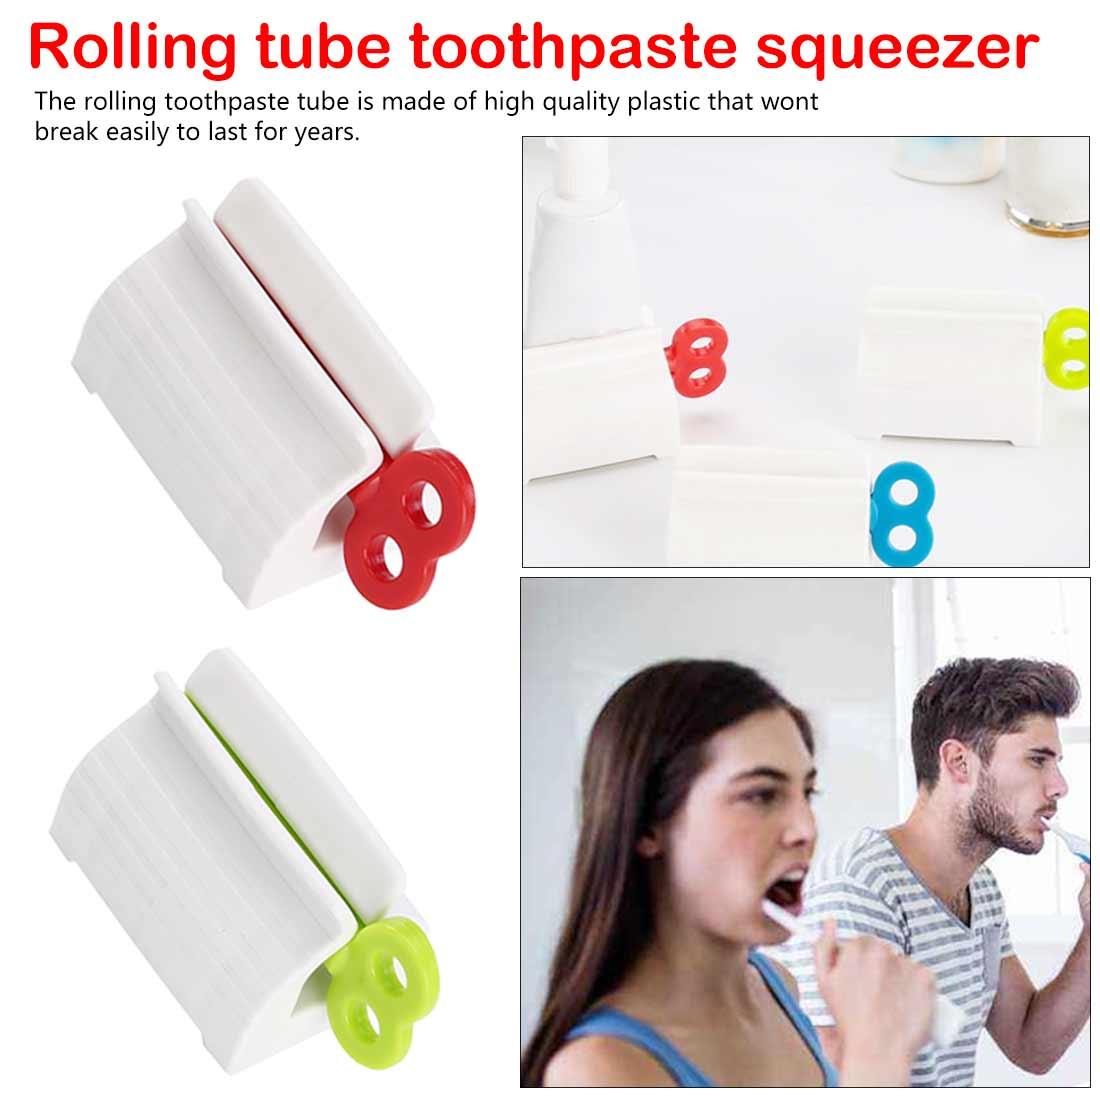 Bathroom Tool Plastic Cream Tube Squeezing Dispenser Rolling Tube Squeezer Tooth Paste Squeezer Toothpaste Dispenser